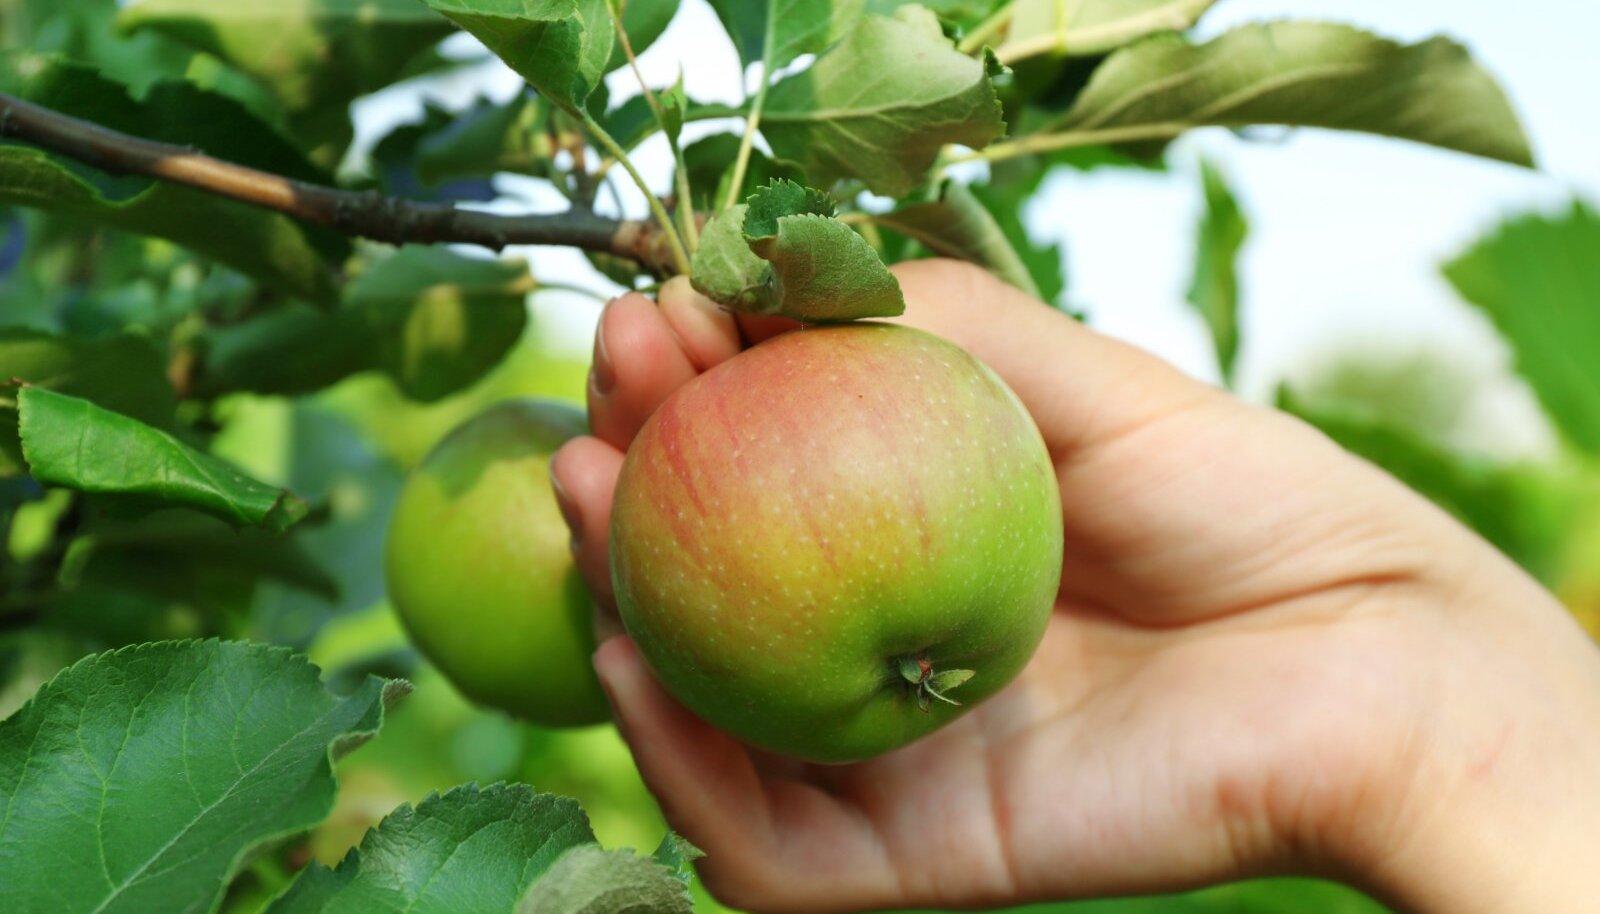 Õunu tuleb korjata otse puu otsast ja koos varrega, see aitab kaasa säilimisele ja kaitseb bakterite ligipääsu eest.